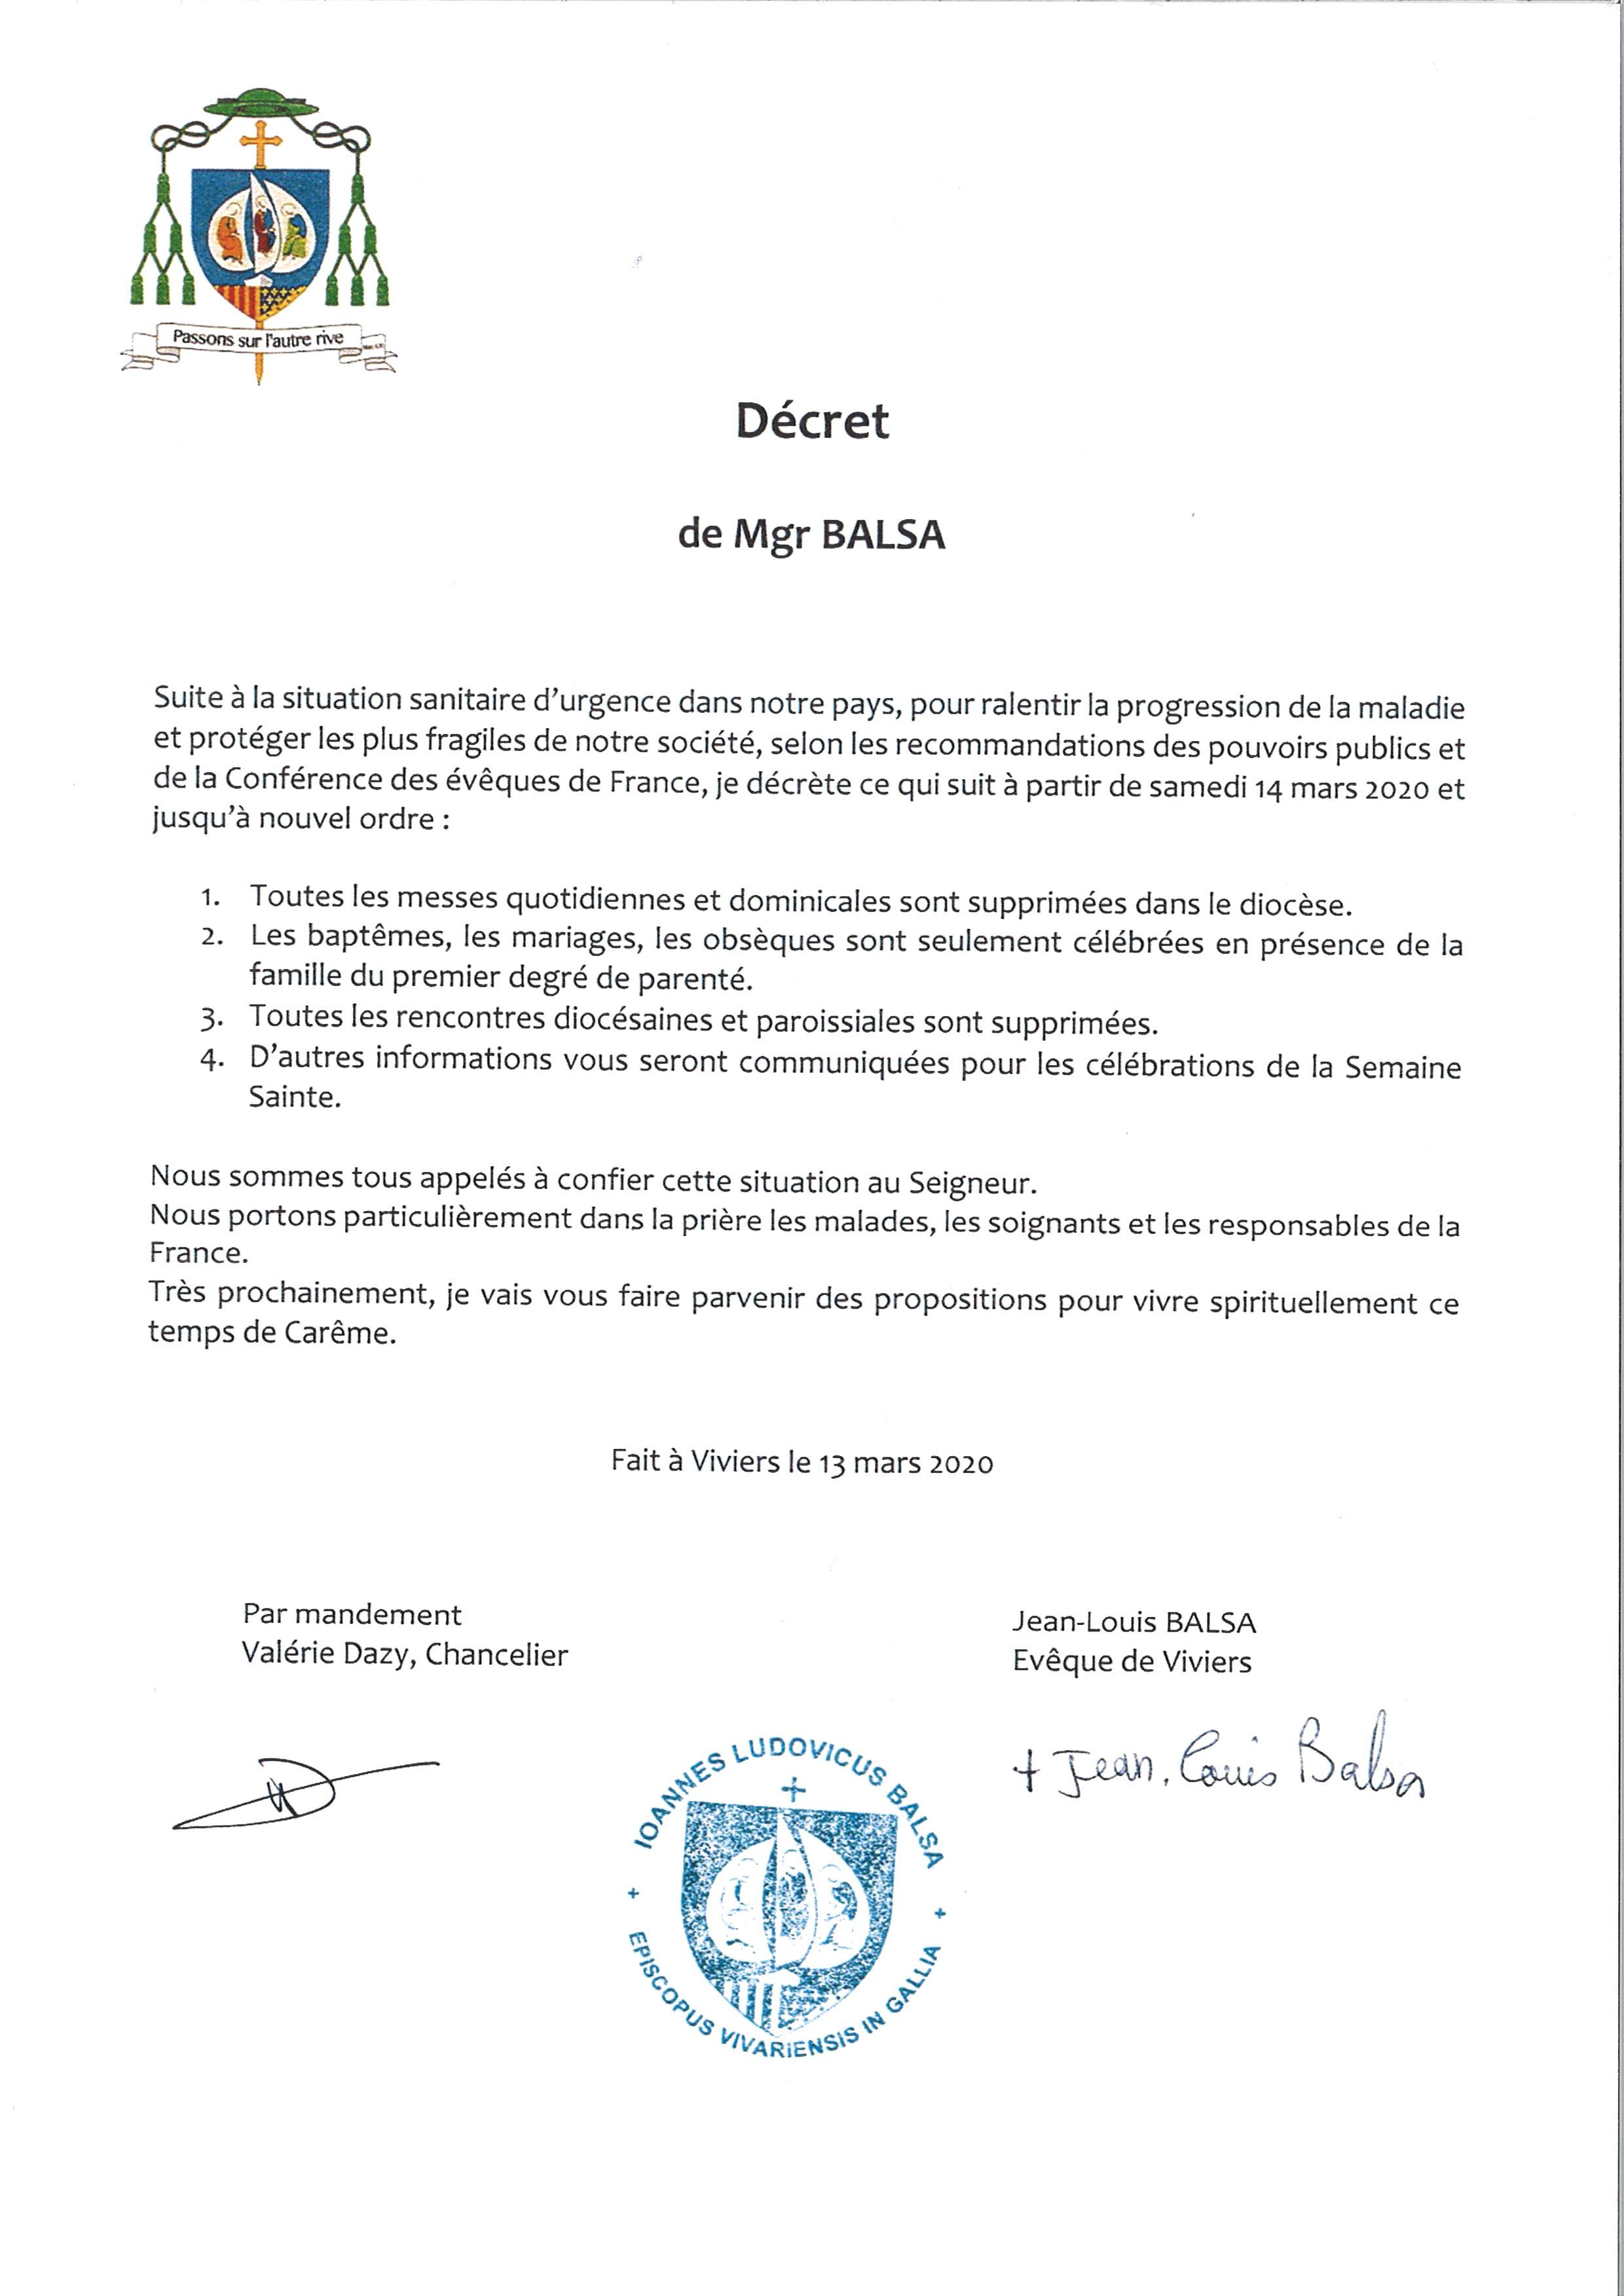 Décret de Mgr Balsa 13 mars 2020